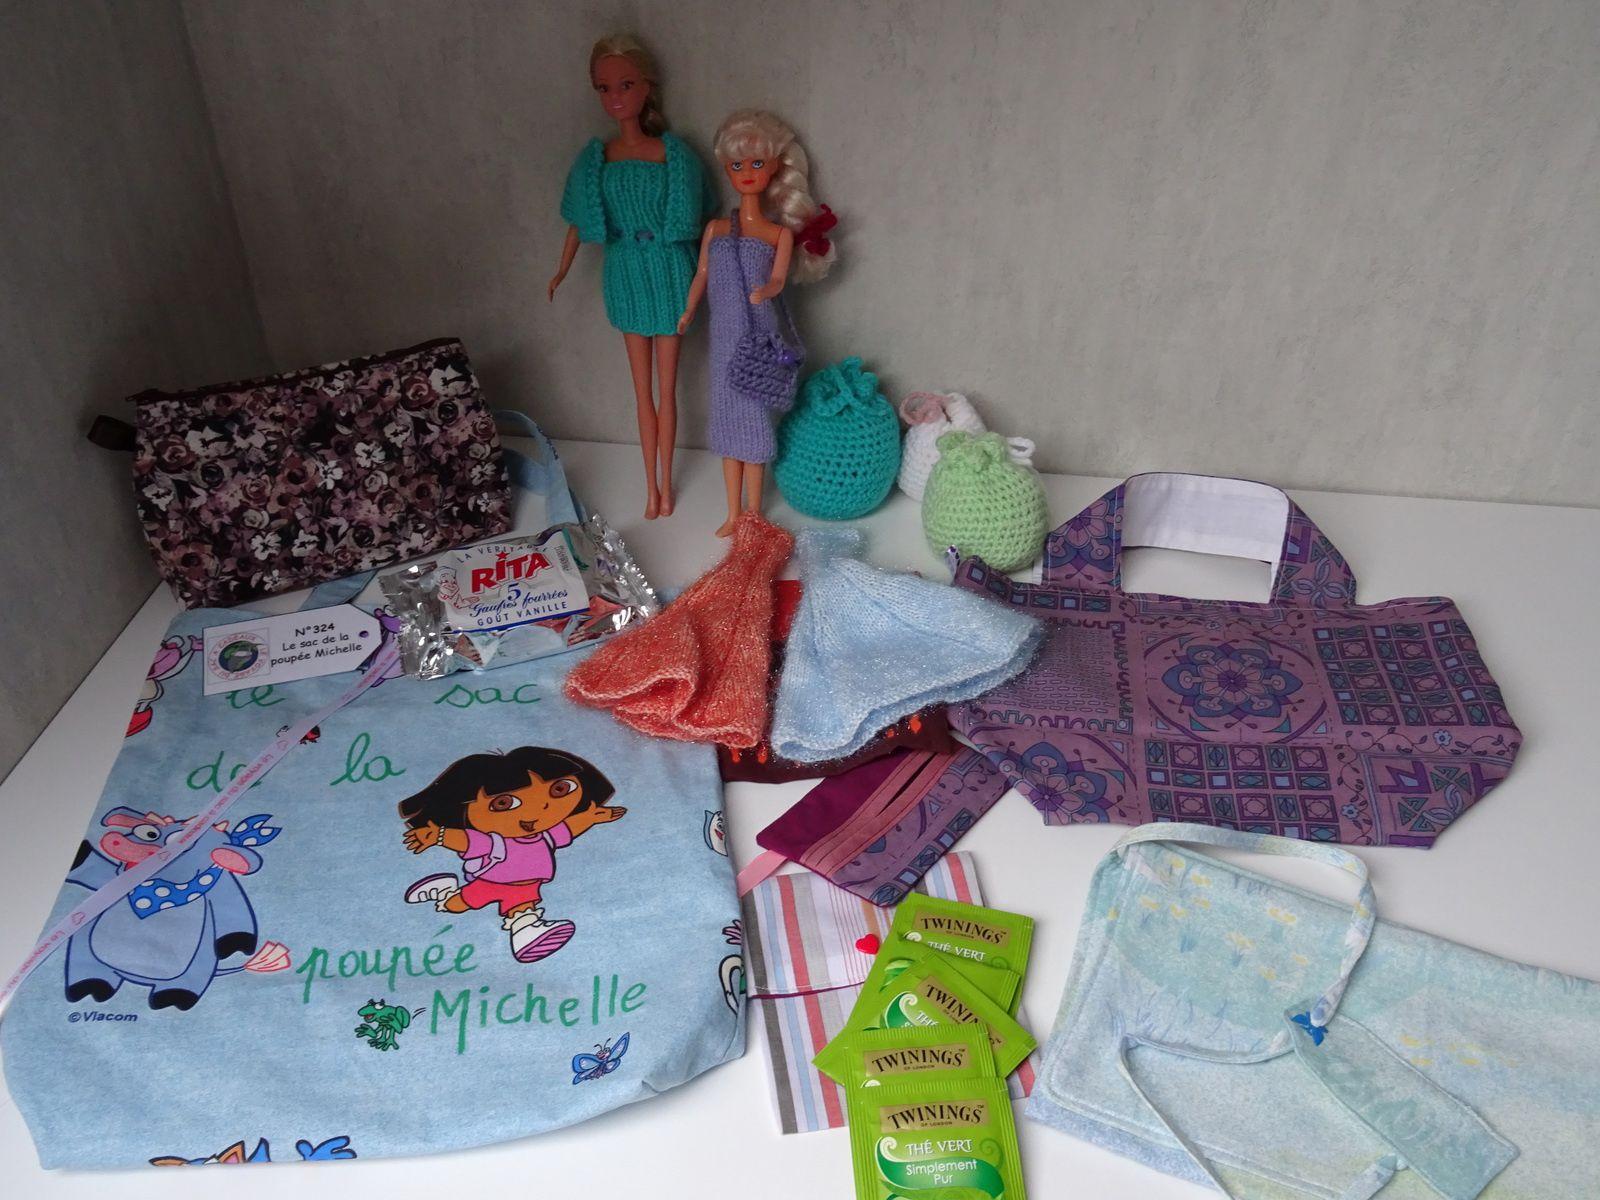 N°324 Le sac de la poupée Michelle : pour Michelle N